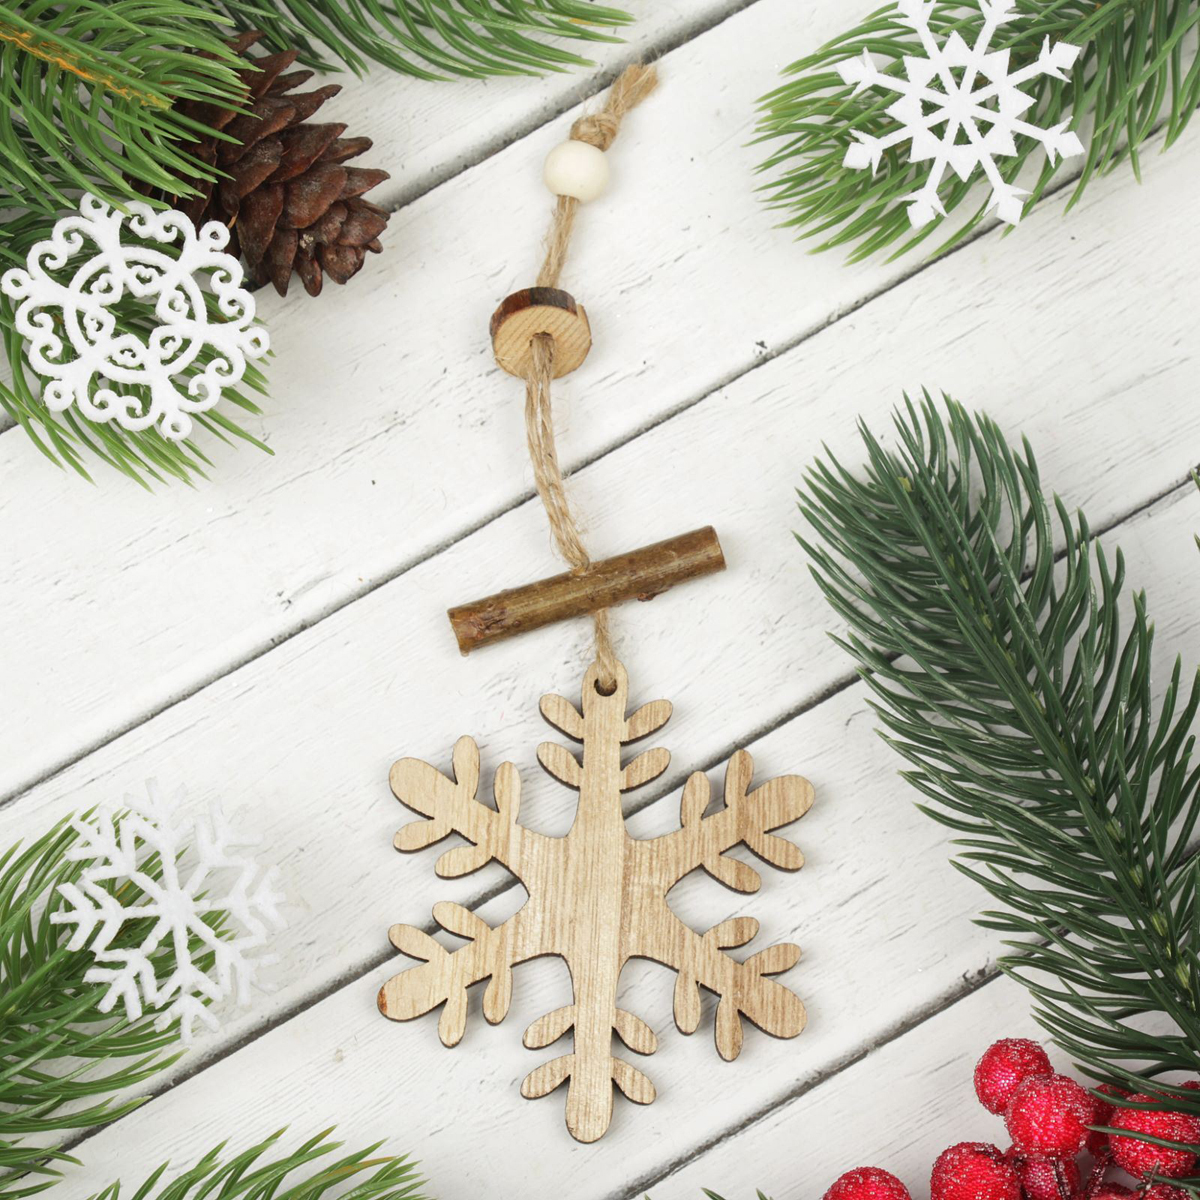 Украшение новогоднее подвесное Резная снежинка. 23032452303245Новогоднее подвесное украшение, выполненное из дерева, отлично подойдет для декорации вашего дома и новогодней ели. С помощью специальной петельки украшение можно повесить в любом понравившемся вам месте. Но, конечно, удачнее всего оно будет смотреться на праздничной елке.Елочная игрушка - символ Нового года. Она несет в себе волшебство и красоту праздника. Такое украшение создаст в вашем доме атмосферу праздника, веселья и радости.